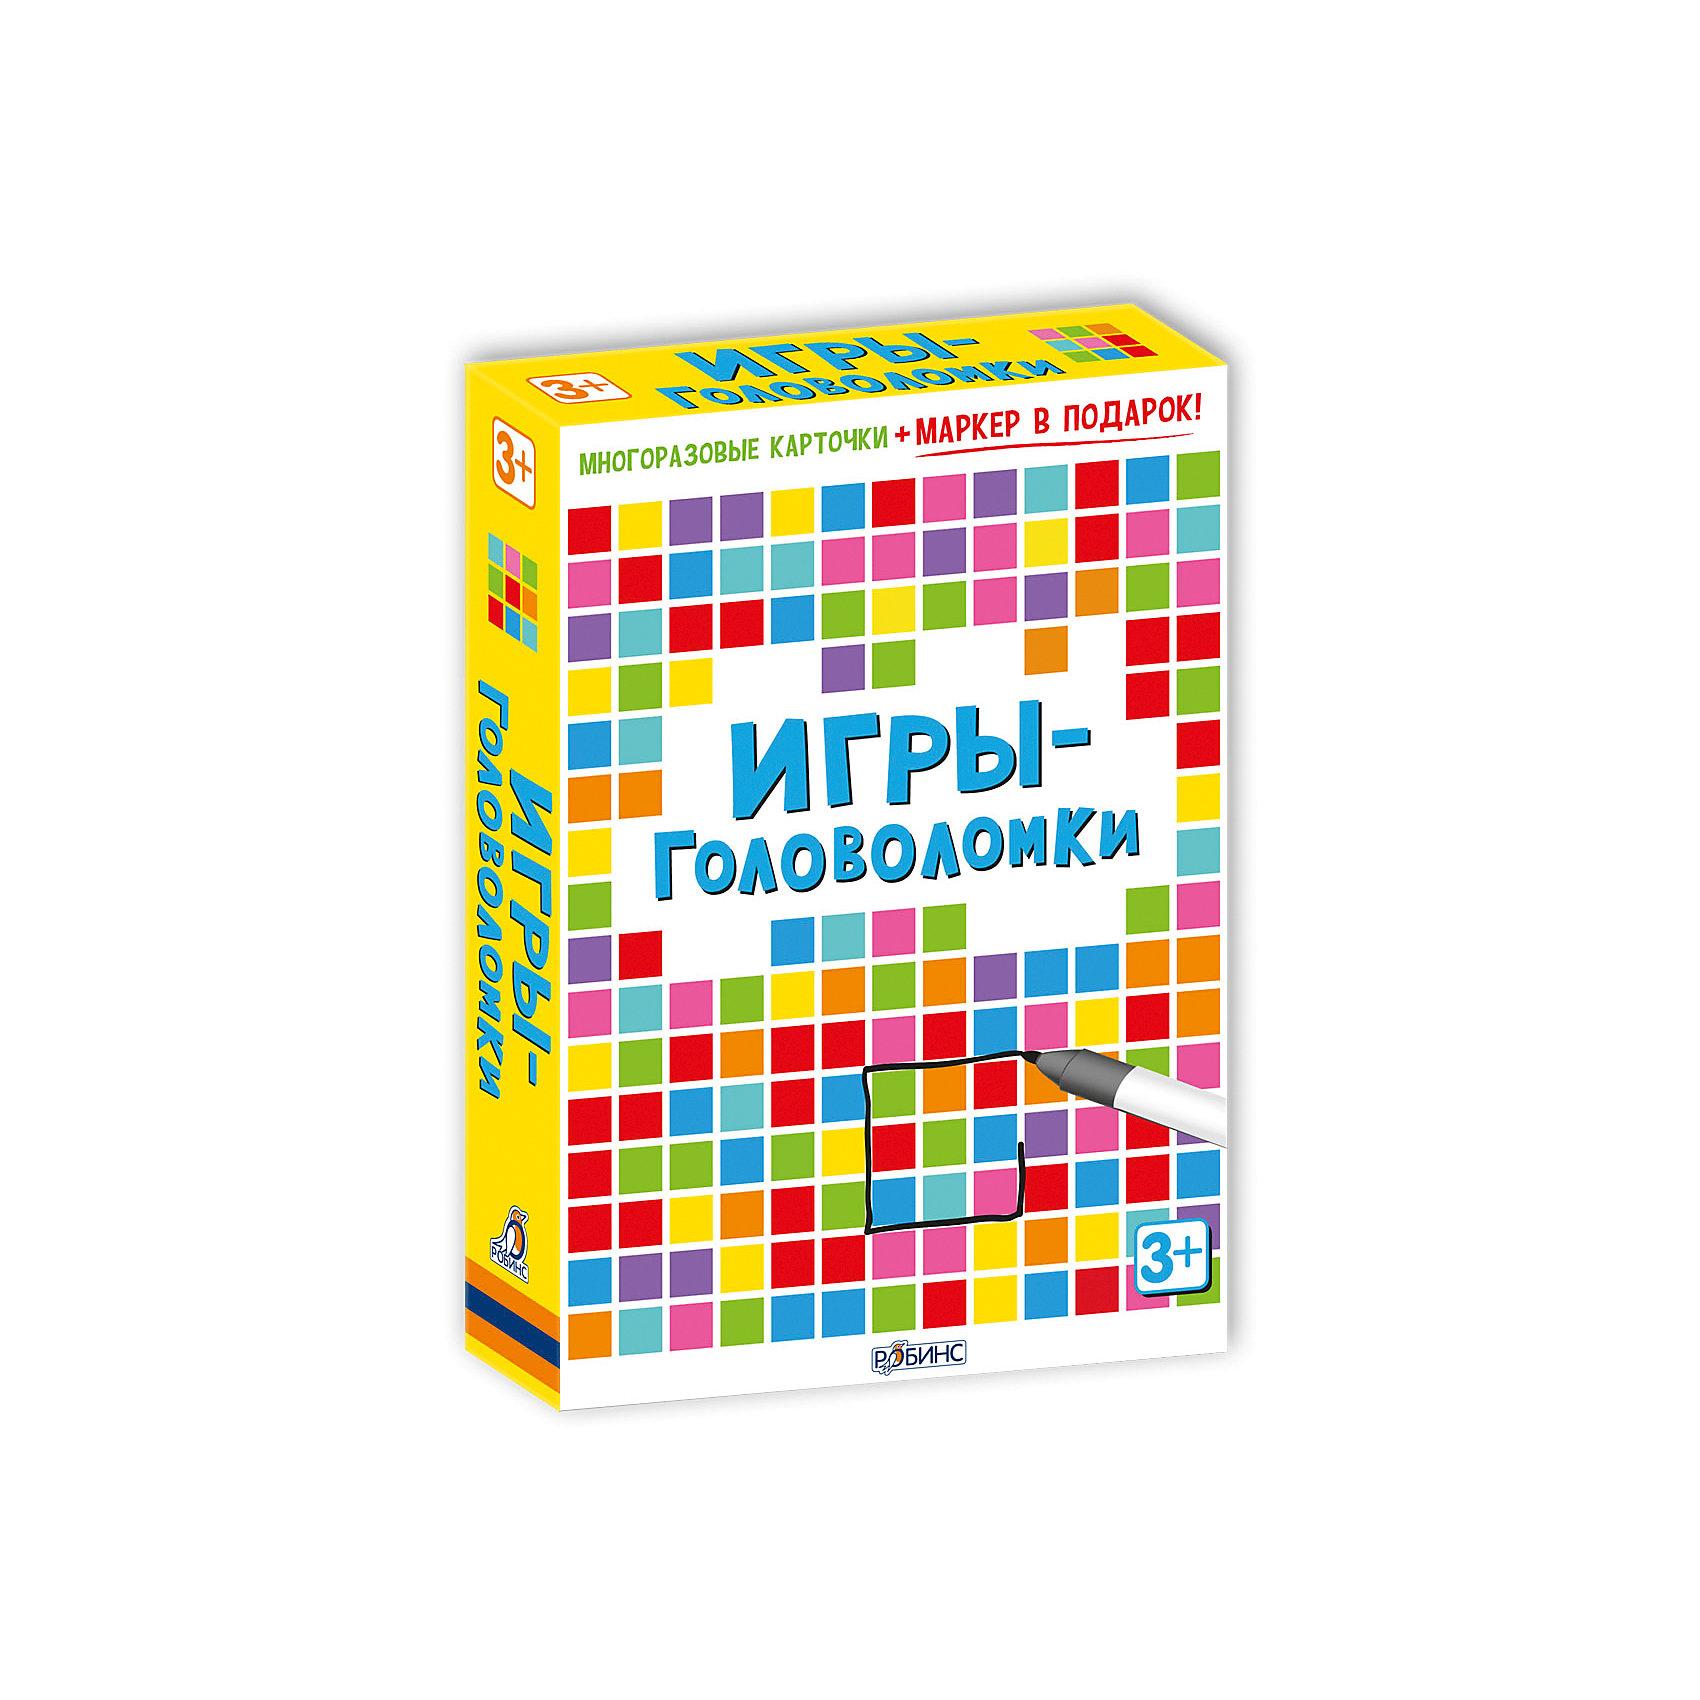 Карточки Игры-головоломкиОбучающие карточки<br>Карточки Игры-головоломки – набор игровых многоразовых карточек с фломастером, выпущенных по лицензии английского издательства Асборн.<br>Упакованный в небольшую коробку, набор Игры-головоломки состоит из маркера и игровых карточек со специальным покрытием, которое обладает стирающими свойствами, поэтому ребенок может рисовать и писать на них столько, сколько ему захочется. Оригинальные игры и задания-головоломки помогут развить воображение и логику! Юным эрудитам предстоит определить исчезнувшую картину, отыскать в буквенной таблице названия разных стран, проложить космический маршрут, разгадать загадки, пройти лабиринты, расшифровать секретное послание, собрать пазл, отыскать в толпе людей по описанию, найти ошибки художника, определить, что изменилось и выполнить другие упражнения. В наборе вы найдете многоразовые двусторонние карточки, специальный маркер для рисования и карточки с ответами к головоломкам. Карточки выполнены из плотного ламинированного картона, они не погнутся и не порвутся даже в руках самых активных интеллектуалов. «Игры-головоломки» удобно брать с собой в дорогу, чтобы ваш малыш не скучал, пока вы путешествуете! В серии также вышли: «50 увлекательных логических игр», «100 логических игр для путешествий», «Вопросы и ответы о животных».<br><br>Дополнительная информация:<br><br>- В коробке: 50 карточек, маркер<br>- Автор: С. Кхан<br>- Иллюстраторы: Лиззи Барбер, Н. Фигг, С. Баготт<br>- Серия: Возьми с собой в дорогу<br>- Издательство: Робинс<br>- Иллюстрации: цветные<br>- Материал: ламинированный картон<br>- Размер карточки:15,5х10 см.<br>- Размер коробки: 155 х 100 х 25 мм.<br>- Вес: 294 гр.<br><br>Карточки Игры-головоломки можно купить в нашем интернет-магазине.<br><br>Ширина мм: 155<br>Глубина мм: 100<br>Высота мм: 25<br>Вес г: 294<br>Возраст от месяцев: 36<br>Возраст до месяцев: 96<br>Пол: Унисекс<br>Возраст: Детский<br>SKU: 4050220